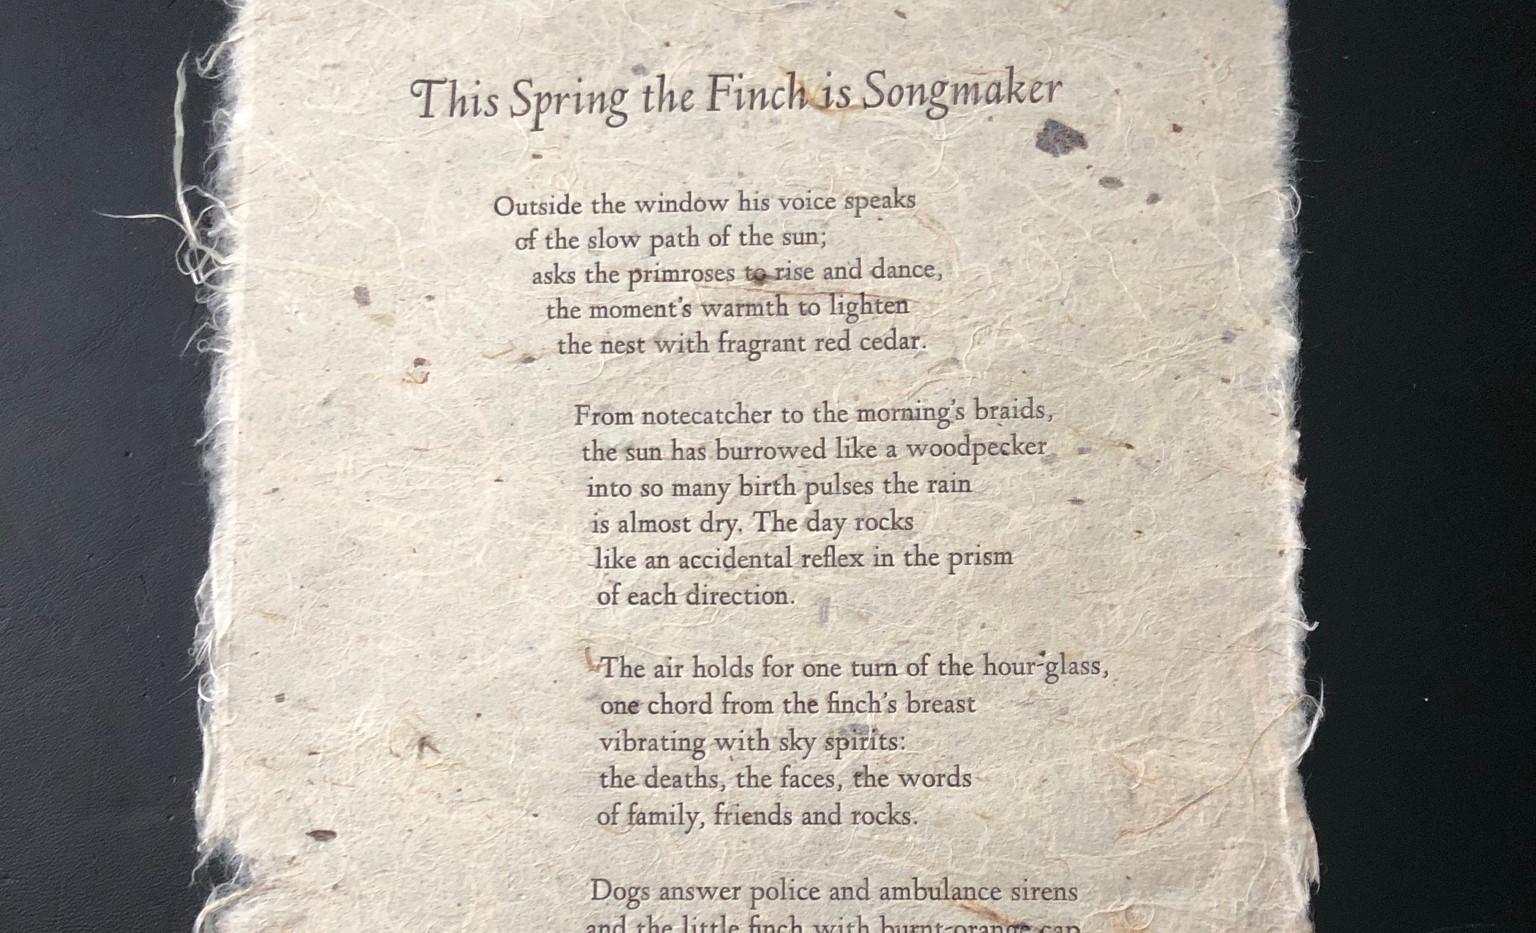 Duane Niatum poem keepsake